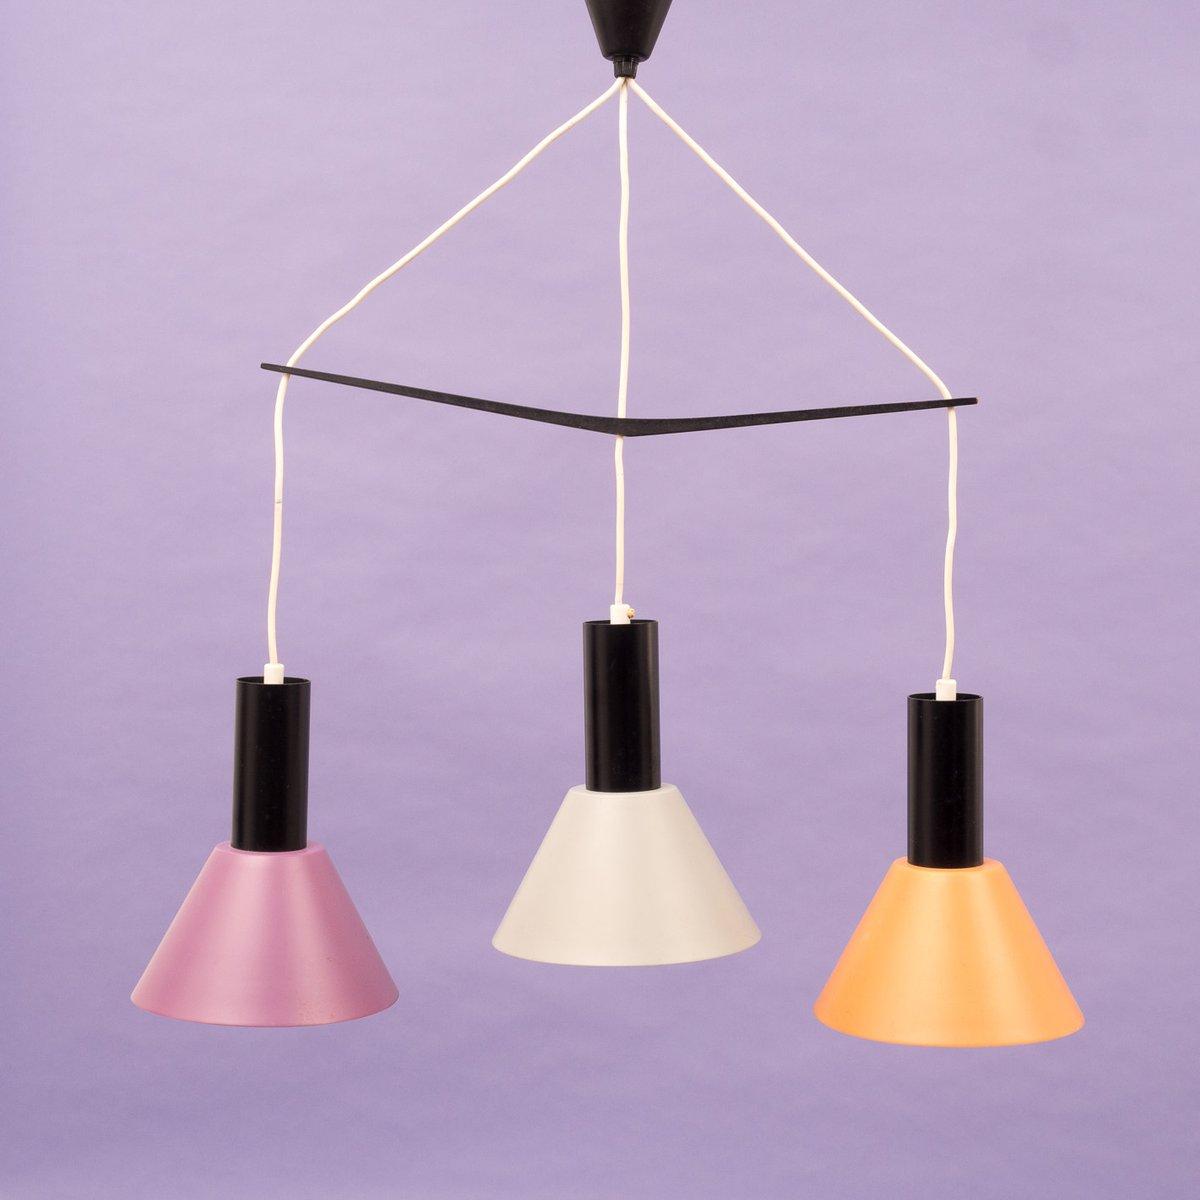 deckenlampe mit drei farbigen metall lampenschirmen 1960er bei pamono kaufen. Black Bedroom Furniture Sets. Home Design Ideas